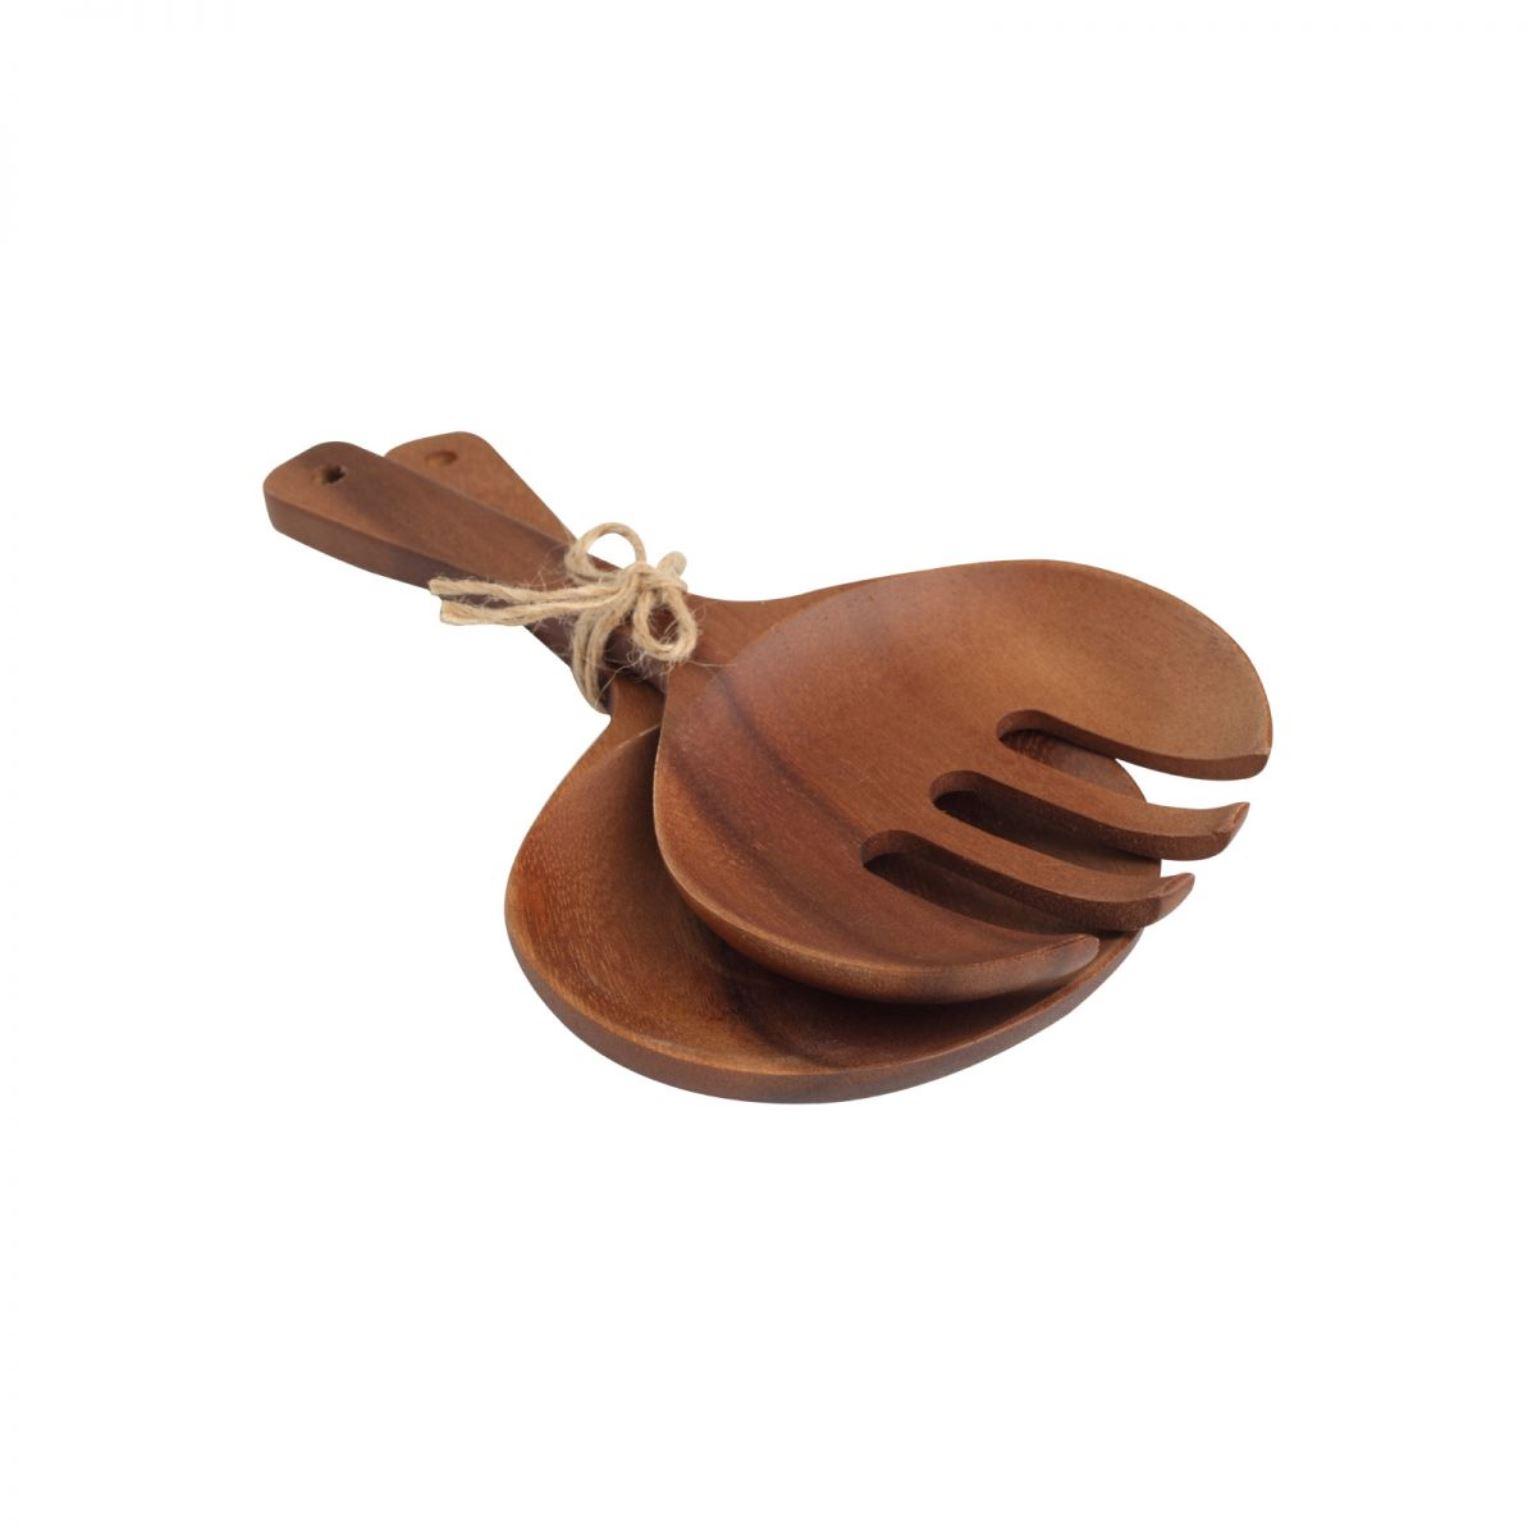 Онлайн каталог PROMENU: Набор приборов для салата T & G TUSCANY Siena, длина 24 см, дерево, бежевый, 2 предмета                               09126